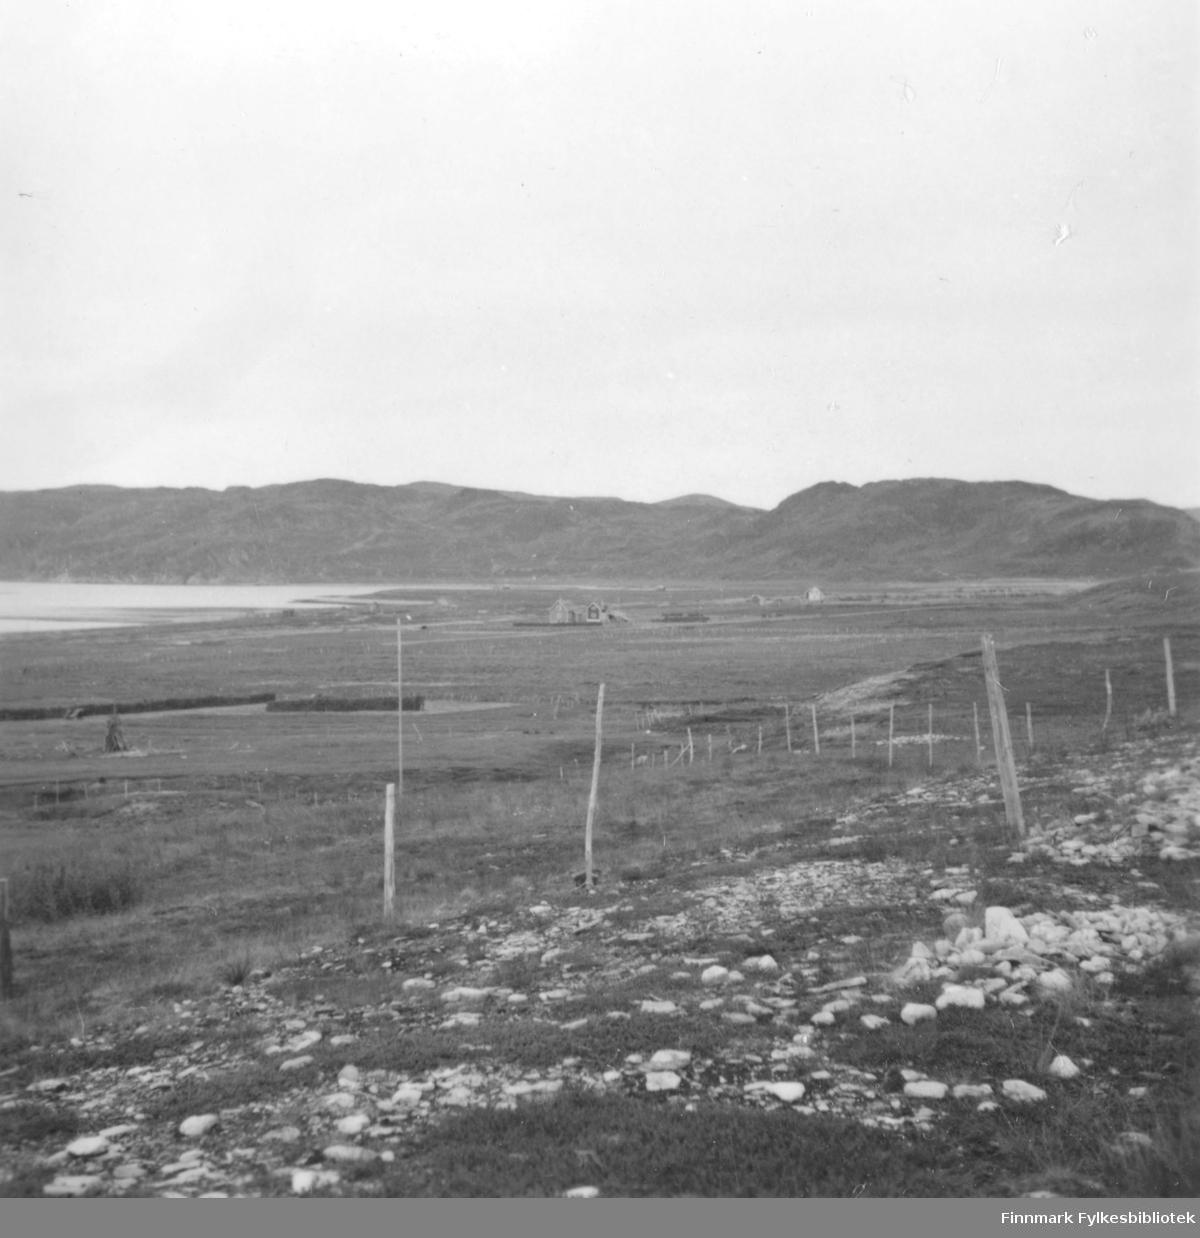 Høstbilde fra Selkopp i Kokelv. Huset til Uldrik Larsen ses midt på bildet. På sletten henger det høy på hesjer. Flere plasser er det gjerder